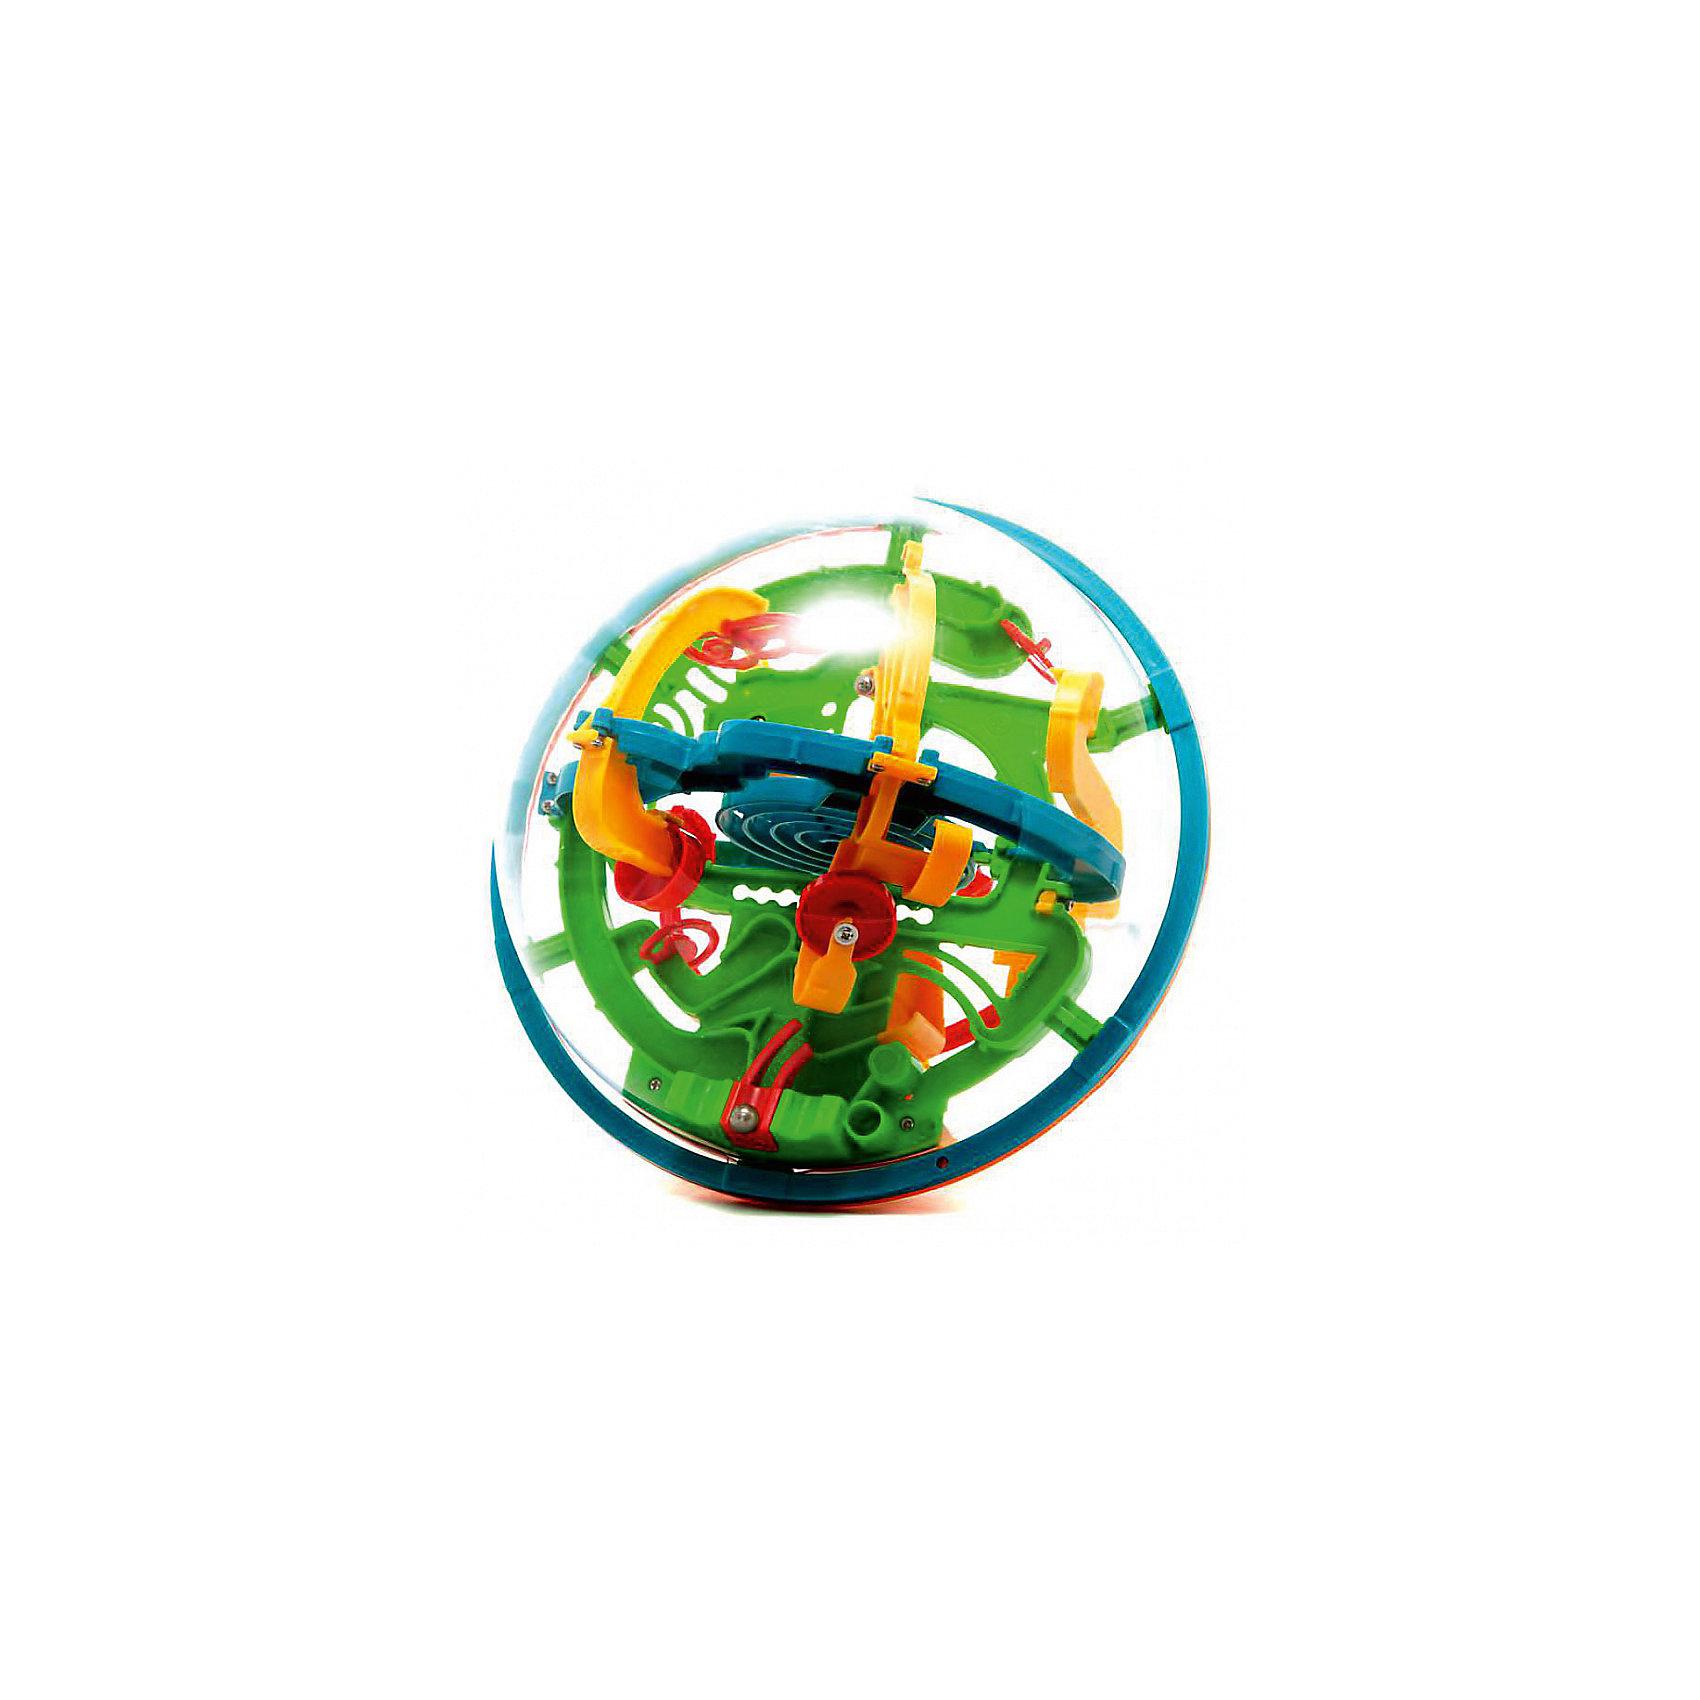 Лабиринтус, 138 шагов, 19 смИгры в дорогу<br>Это версия Original, средняя по сложности, самая известная и популярная модель. Диаметр сферы составляет 19см, внутренний лабиринт насчитывает 138 шагов. Шаги и препятствия сконструированы таким образом, что бы максимально заинтересовать и сделать игру увлекательной и интересной. Именно с этого шара началась вся линейка Лабиринтусов!<br><br>Конструктивно эта игрушка состоит из прозрачной сферы-купола, внутри которой проложен сложнейший лабиринт дорожек и находится металлический шарик. Цель игры: поворачивая руками большой шар нужно провести маленький шарик через захватывающие хитросплетения дорожек, от первой контрольной точки до последней. В отличии от привычных плоских лабиринтов, в этой игрушке развивается по-настоящему пространственное мышление и видение, ведь шарик постоянно перемещается из одной плоскости в другую, рискуя на каждом этапе упасть, вынуждая начинать заново.<br><br>Лабиринтус моментально захватывает воображение и втягивает в игру. Будьте уверены, если у вас в руках Лабиринтус 19см Original и поблизости есть другие люди, любой из них захочет попробовать и не отдаст игрушку пока не пройдет весь лабиринт! Яркие цвета, необычный вид и неизбежные.. поражения, конечно же сменяющиеся победами на всем протяжении игры от 1 до последней точки! Как жаль, что в мире мало игрушек, способных дарить хоты бы половину эмоций от игры с Перплексусом.<br><br>    Средний уровень сложности подходит для всей семьи.<br>    Больше 100 контрольных точек и 3 независимые точки входа (1, 26, 59).<br>    Оптимальный размер внешней сферы, удобный для детей и взрослых: диаметр шара 19 см, чуть меньше футбольного мяча.<br>    Общая протяженность трассы - более 7 метров.<br>    Прочный и упругий прозрачный пластик, гарантирующий долговечность игрушки даже в руках озорного ребенка!<br><br>Ширина мм: 185<br>Глубина мм: 205<br>Высота мм: 190<br>Вес г: 400<br>Возраст от месяцев: 60<br>Возраст до месяцев: 180<br>Пол: Унисекс<br>Возраст: Детс